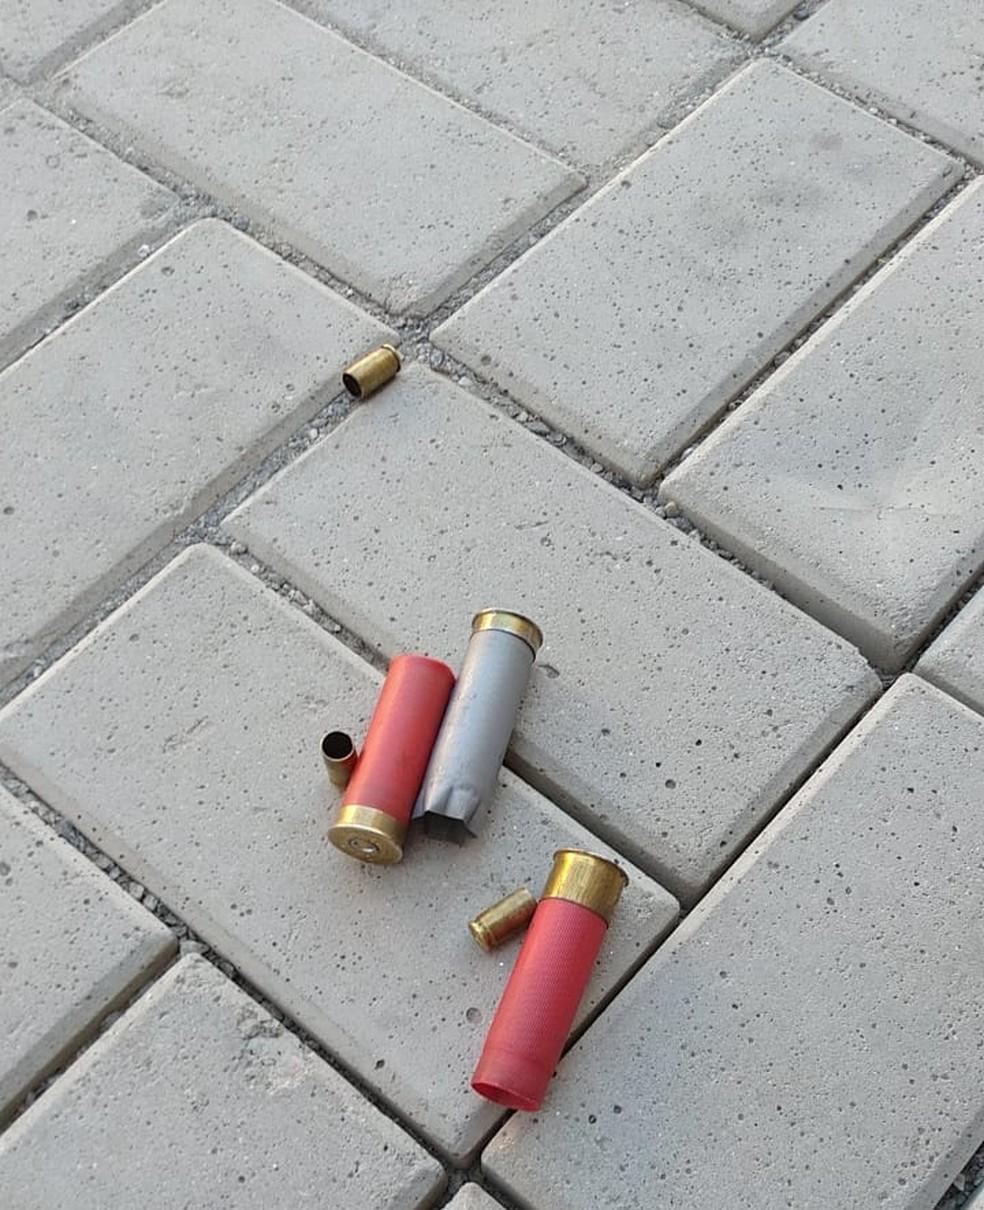 Cartuchos deixados na avenida após troca de tiros entre quadrilha e policiais — Foto: Reprodução/A Voz de Mongaguá